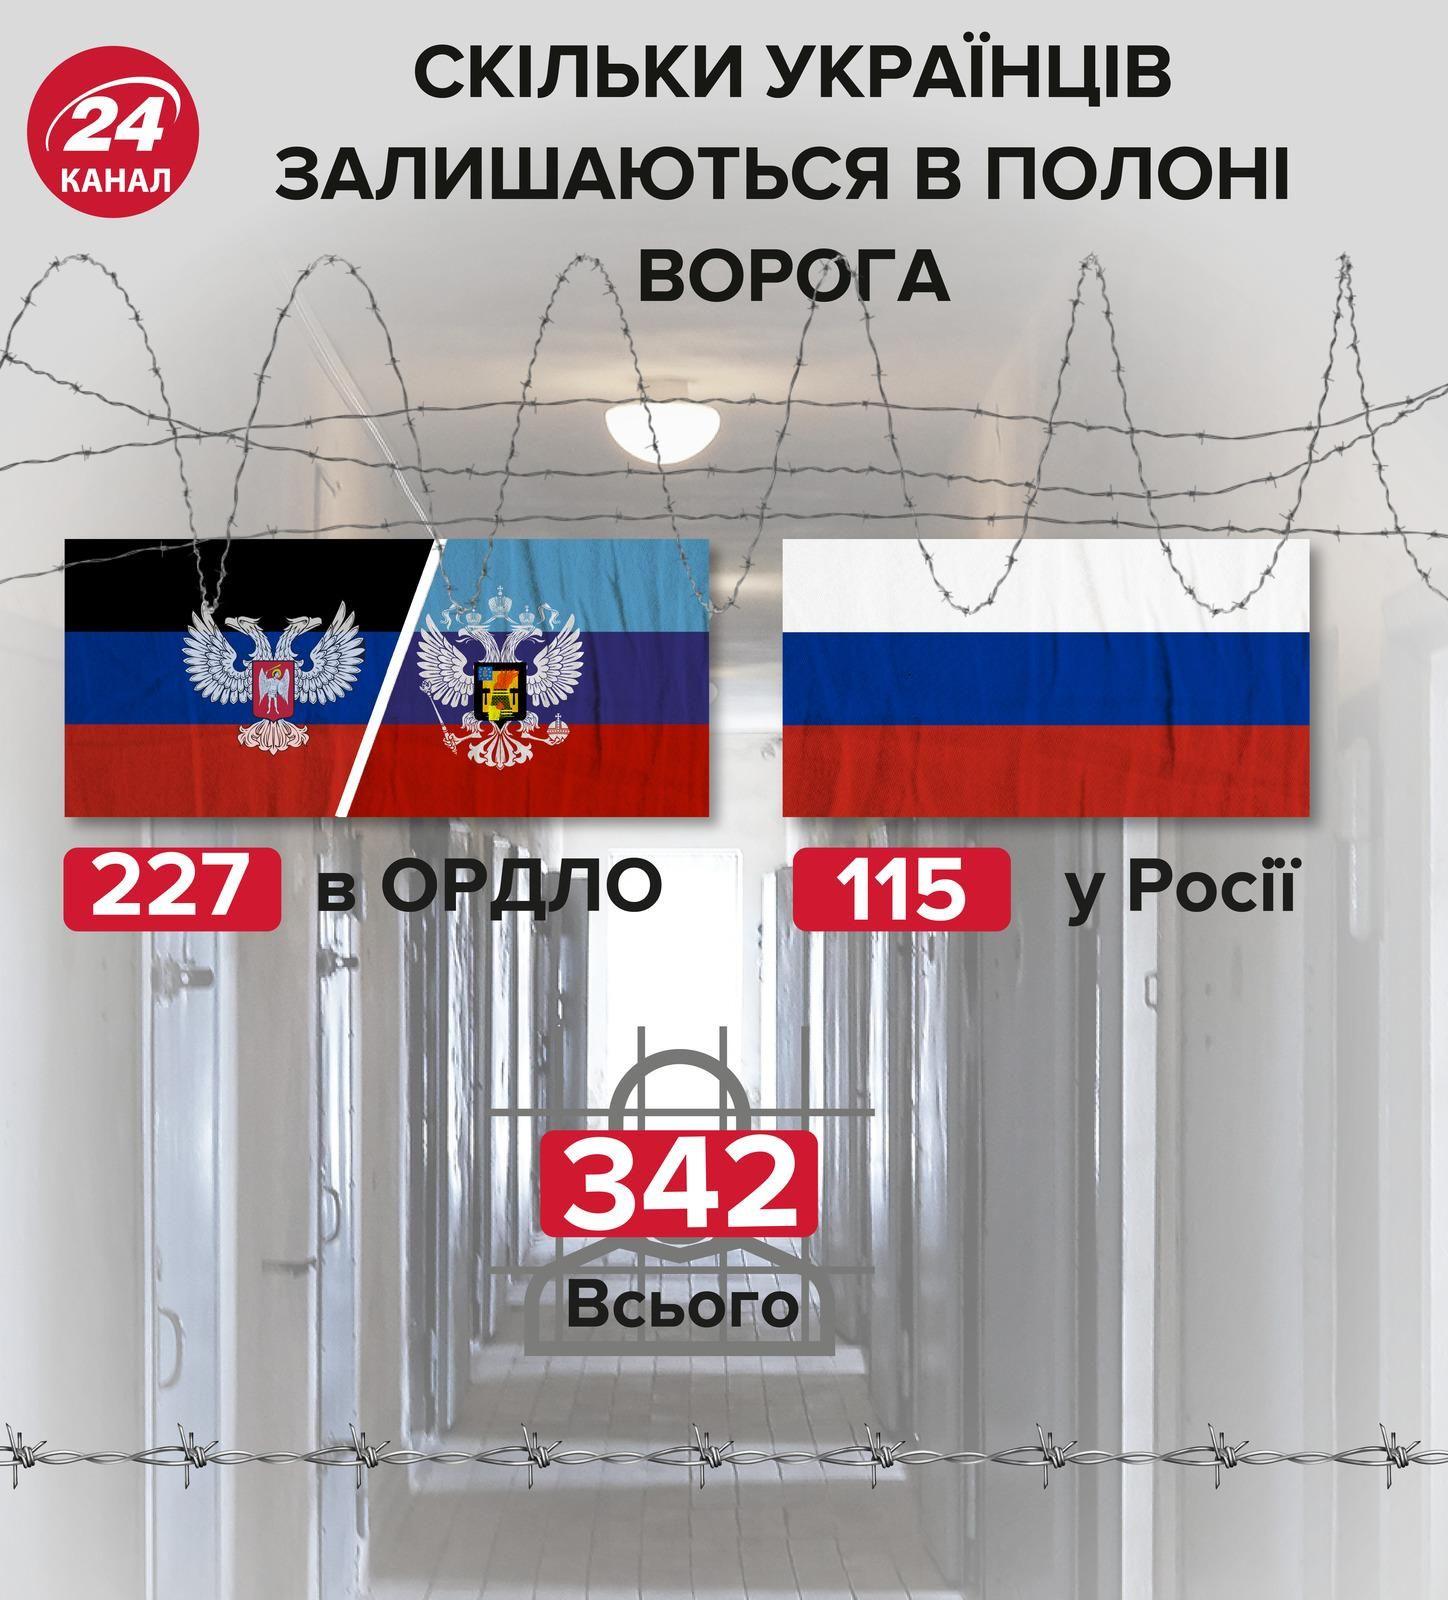 кількість полонених українців статистика українці в полоні Росії